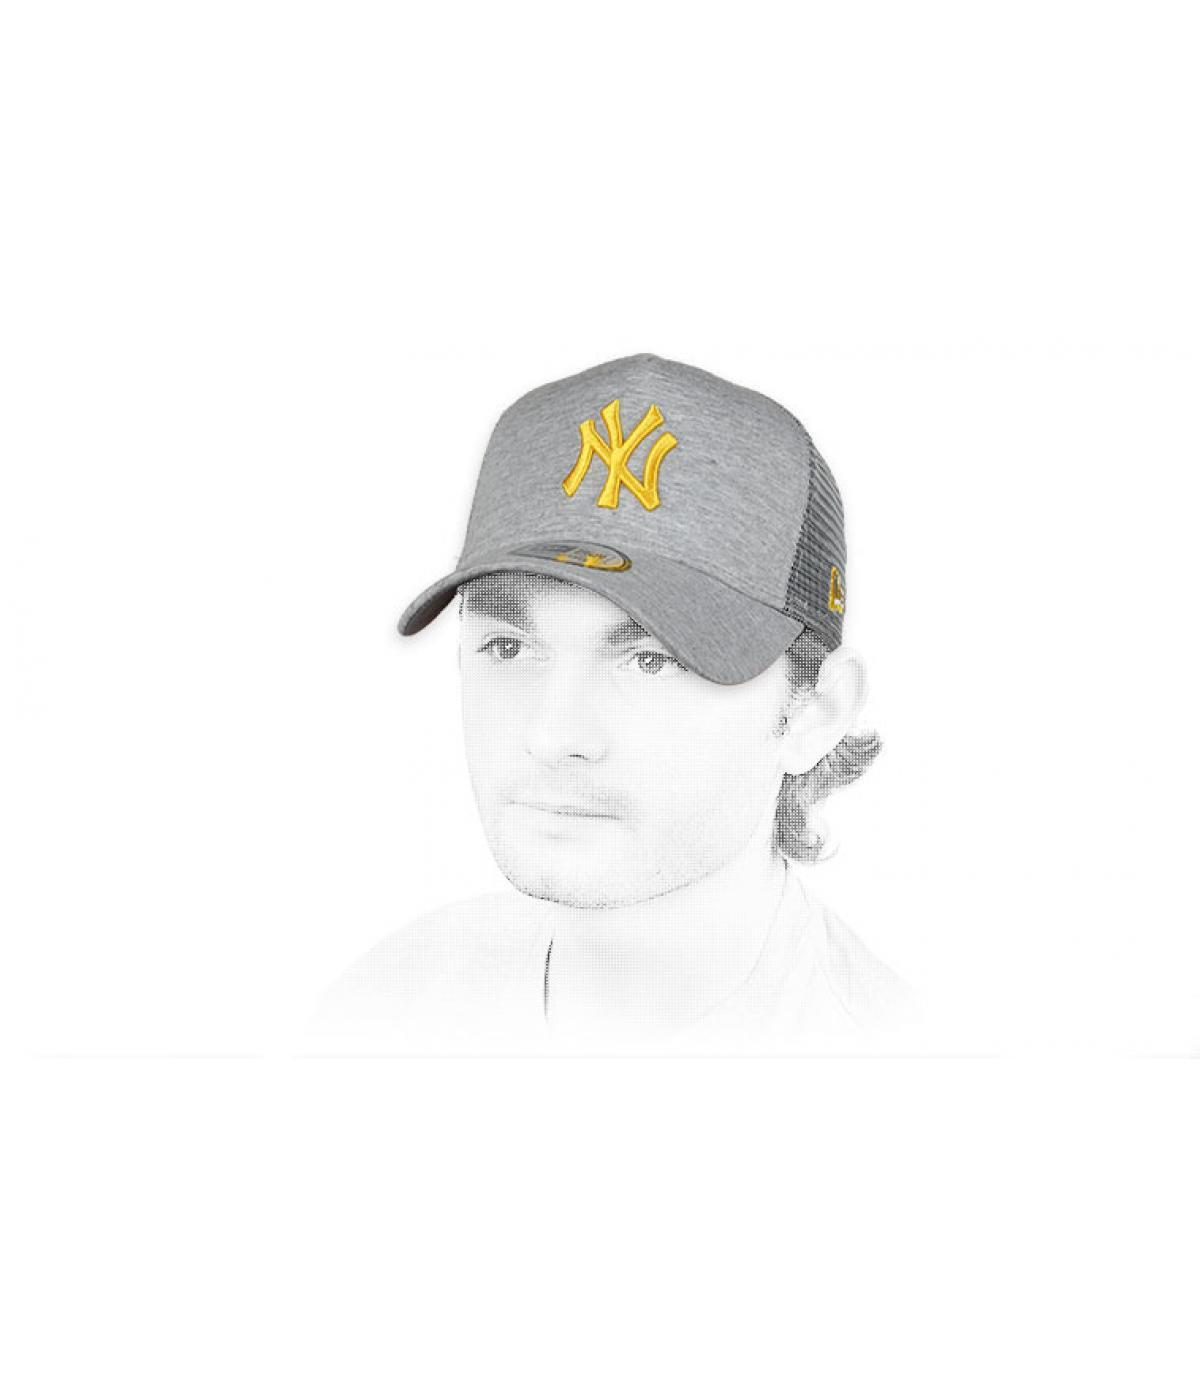 grey yellow NY trucker